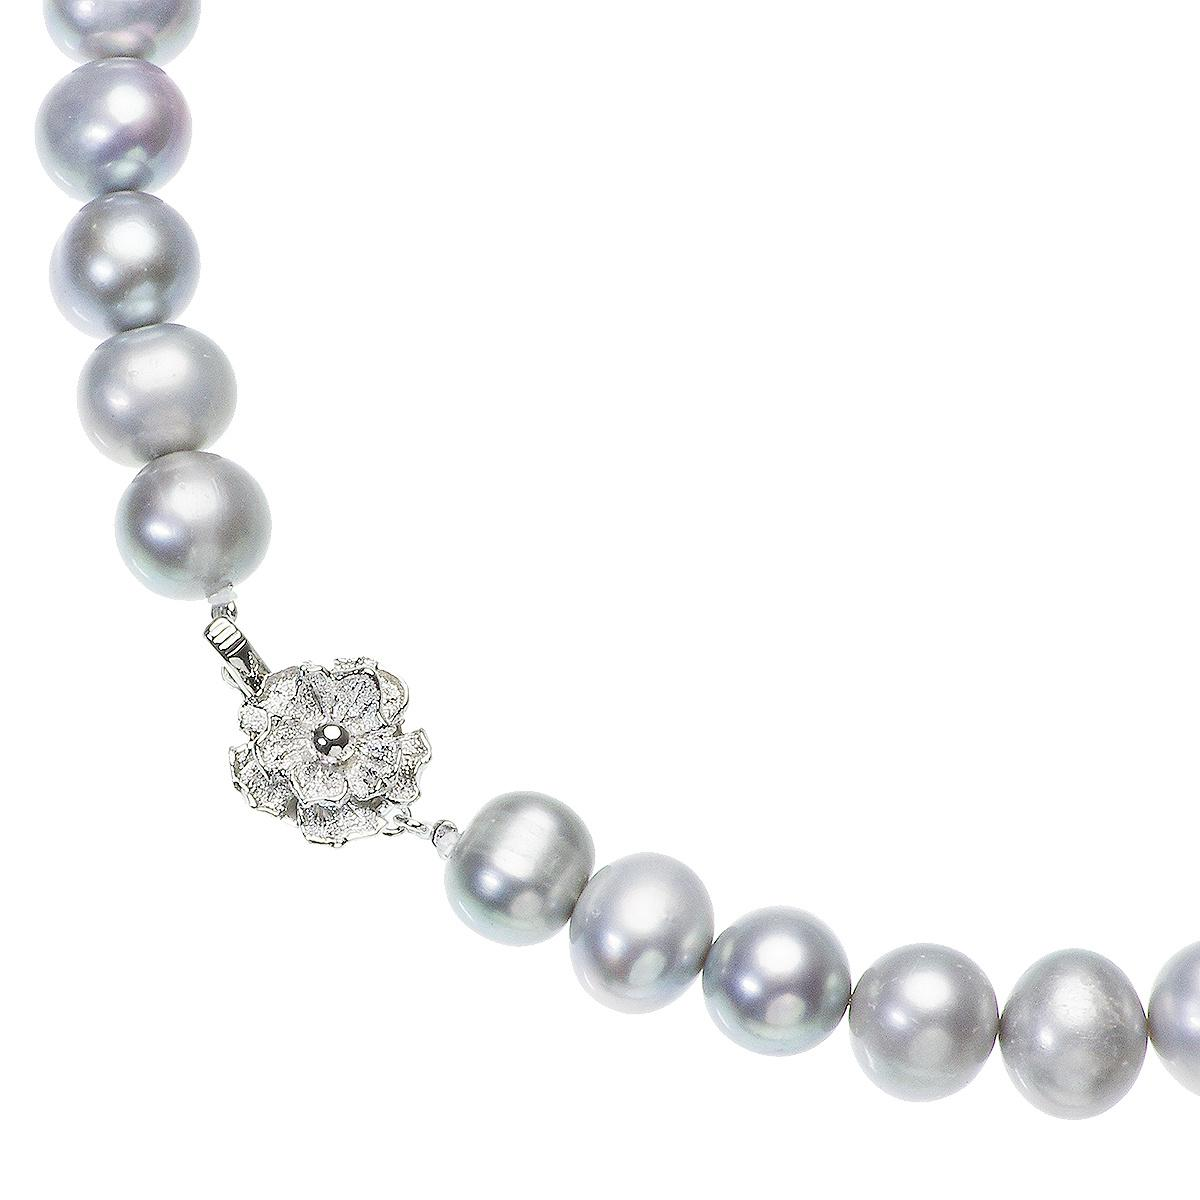 高級 淡水真珠 大粒 パールネックレス 結婚式 約10.0mm-11.5mm グレーピアスセットの写真